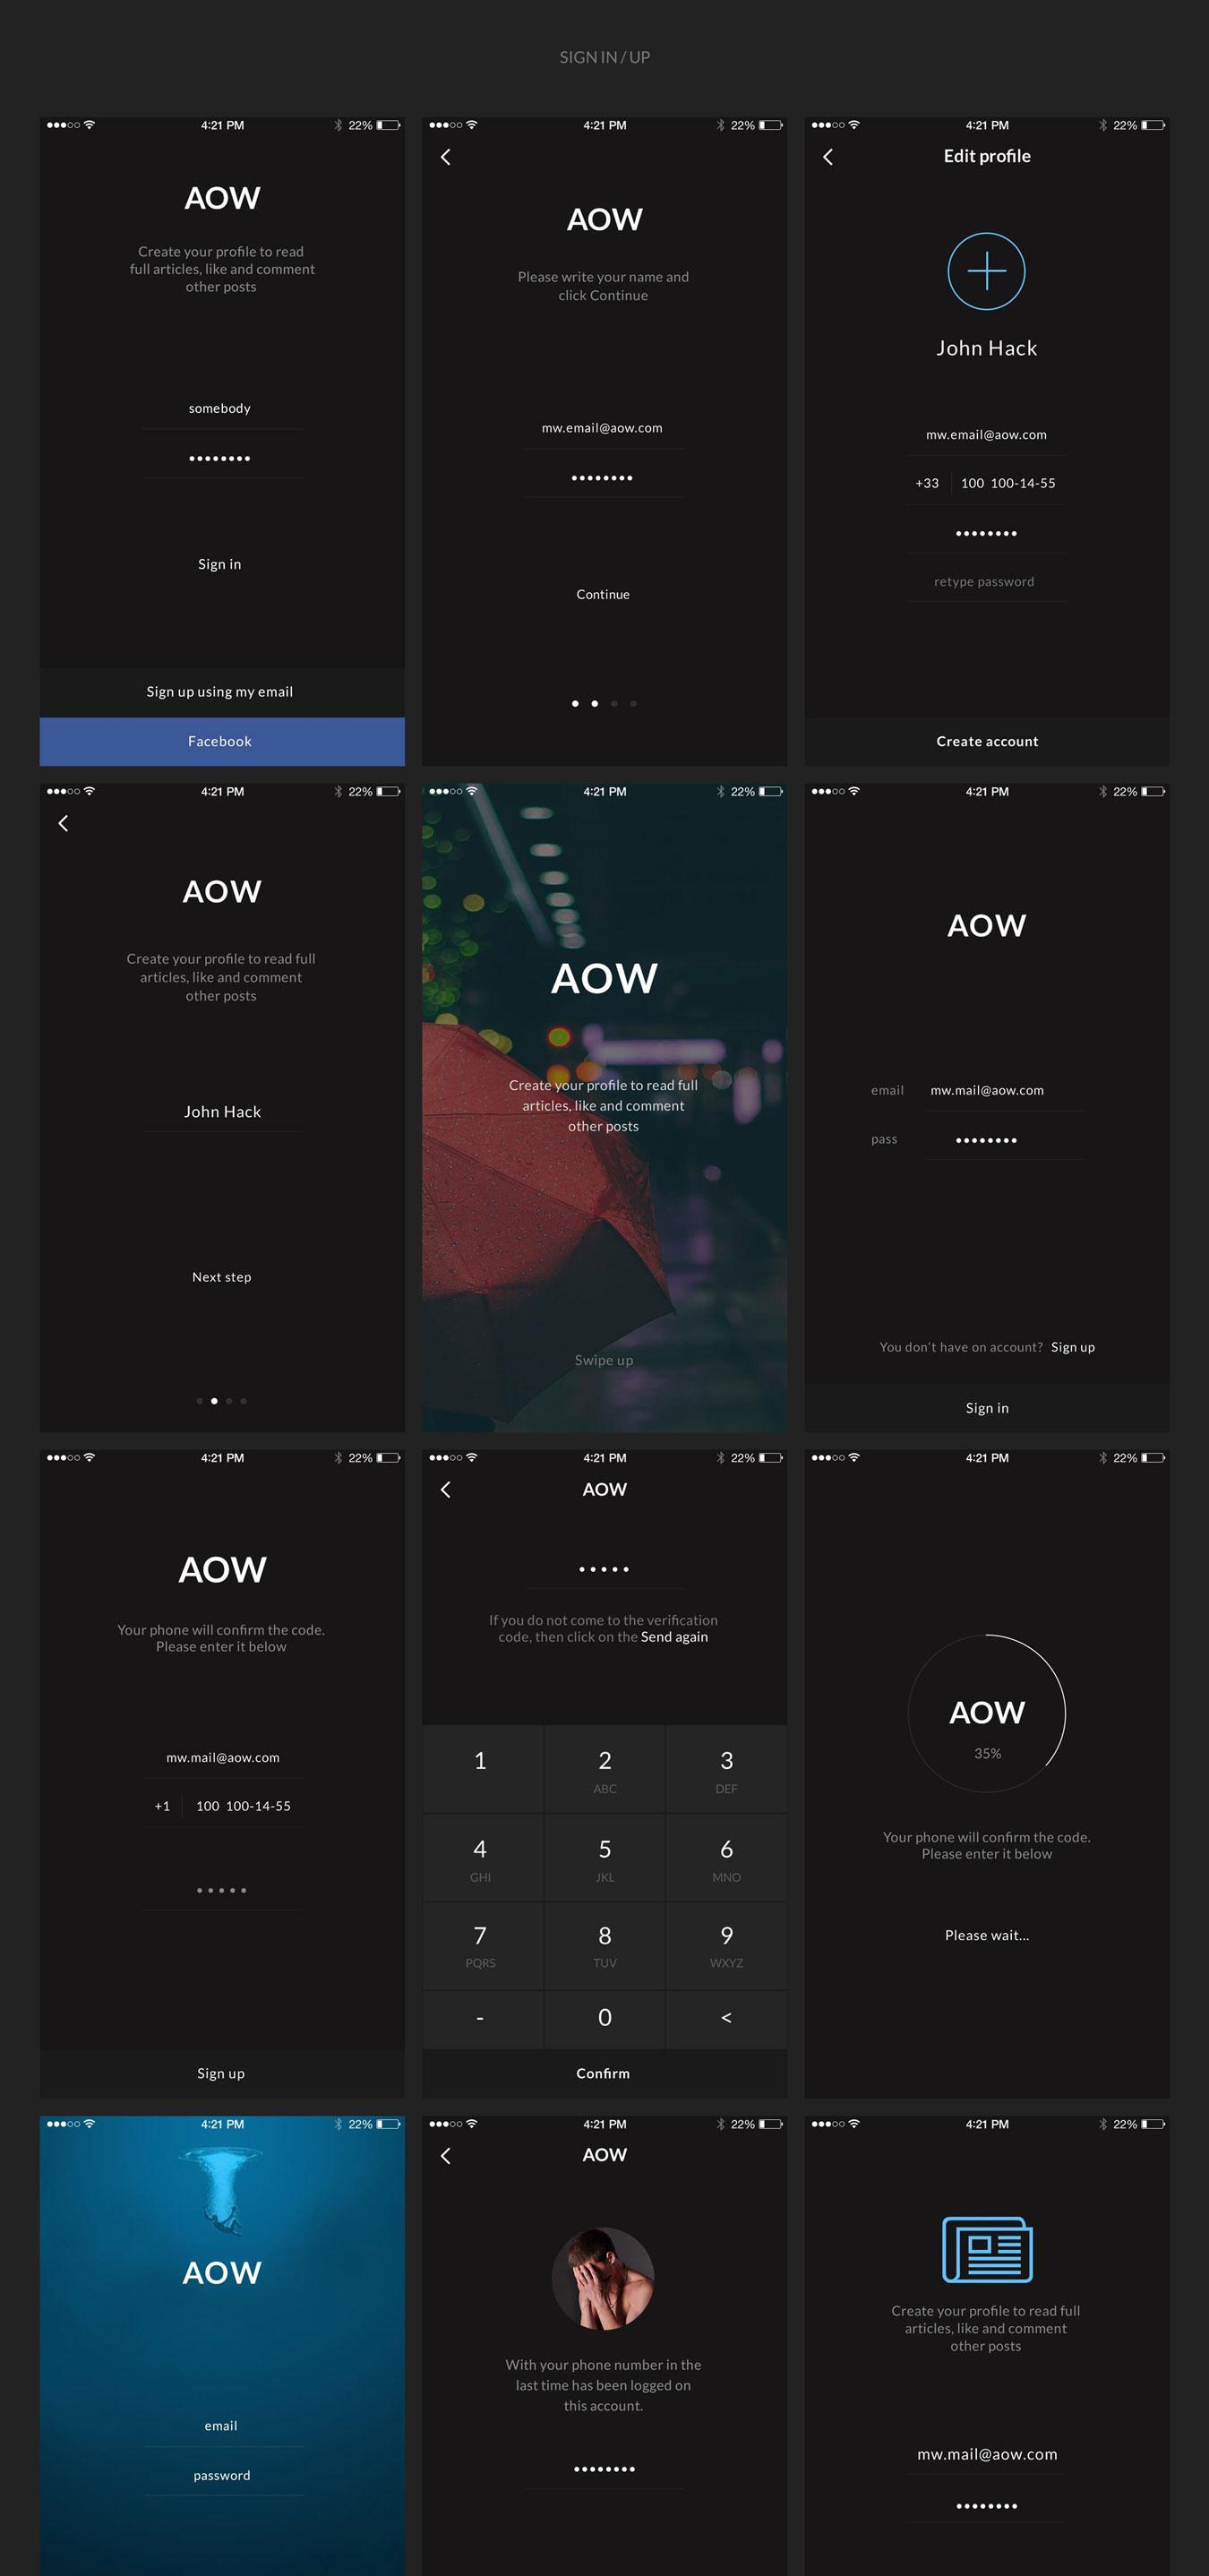 多功能音乐社交电子商城iOS APP UI设计模板套件 AOW UI Kit插图(5)